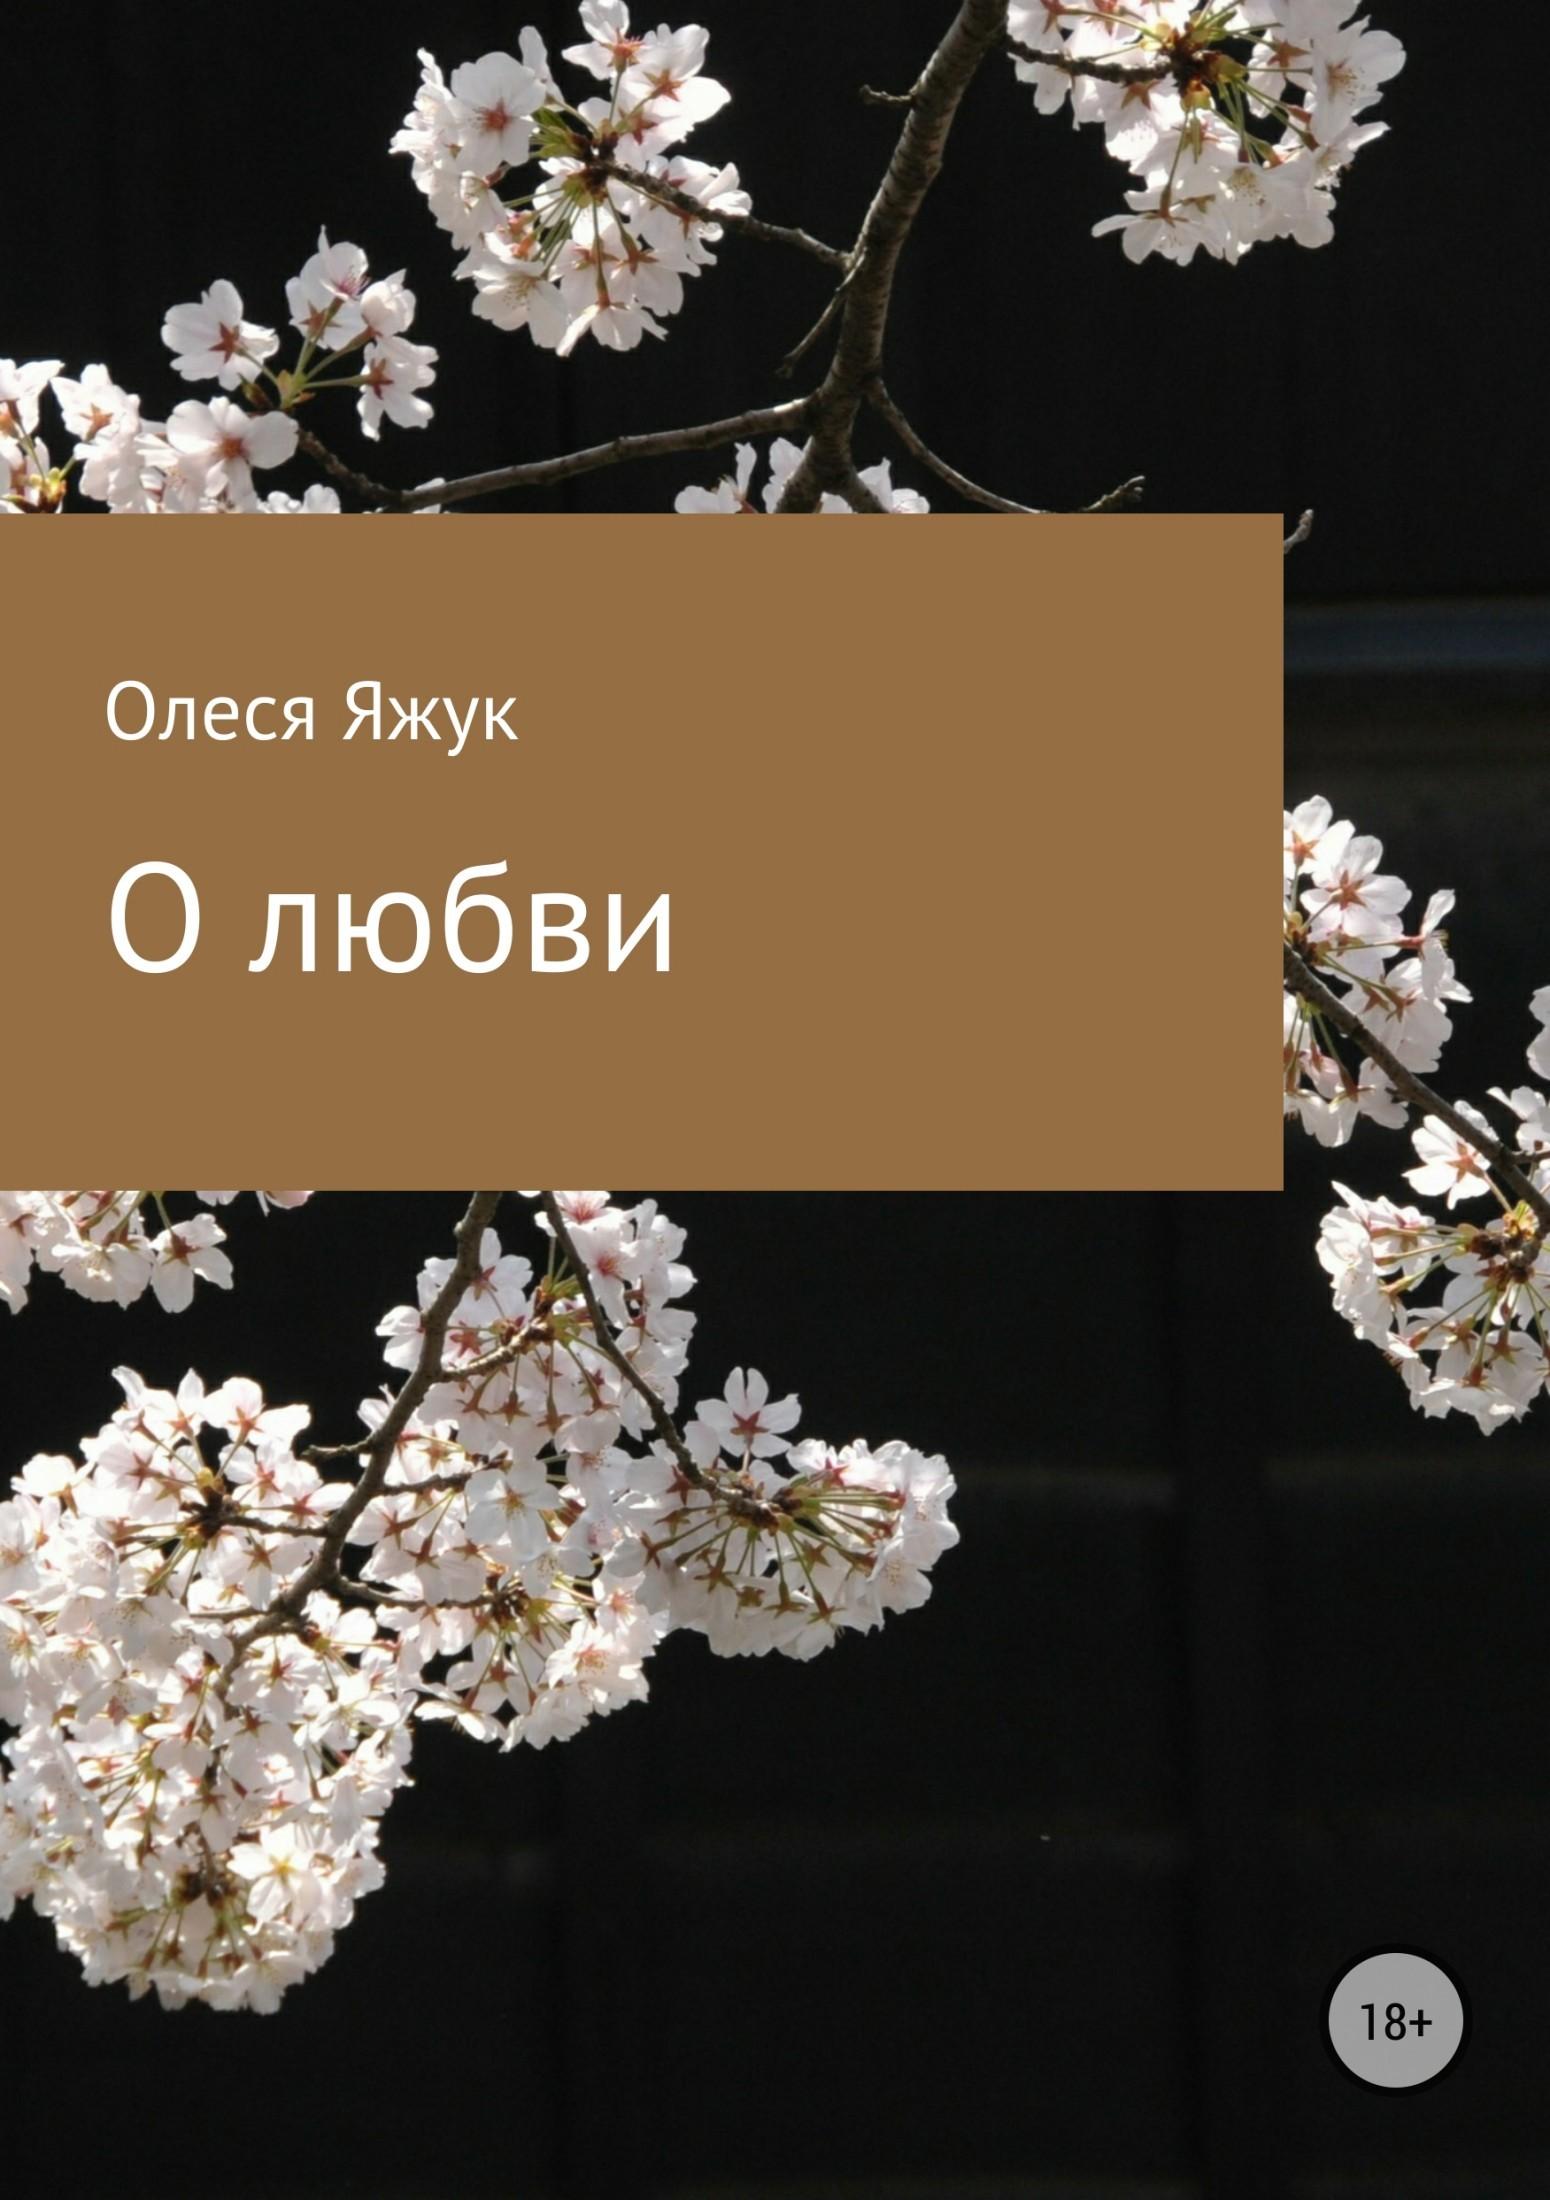 Олеся Яжук - О любви